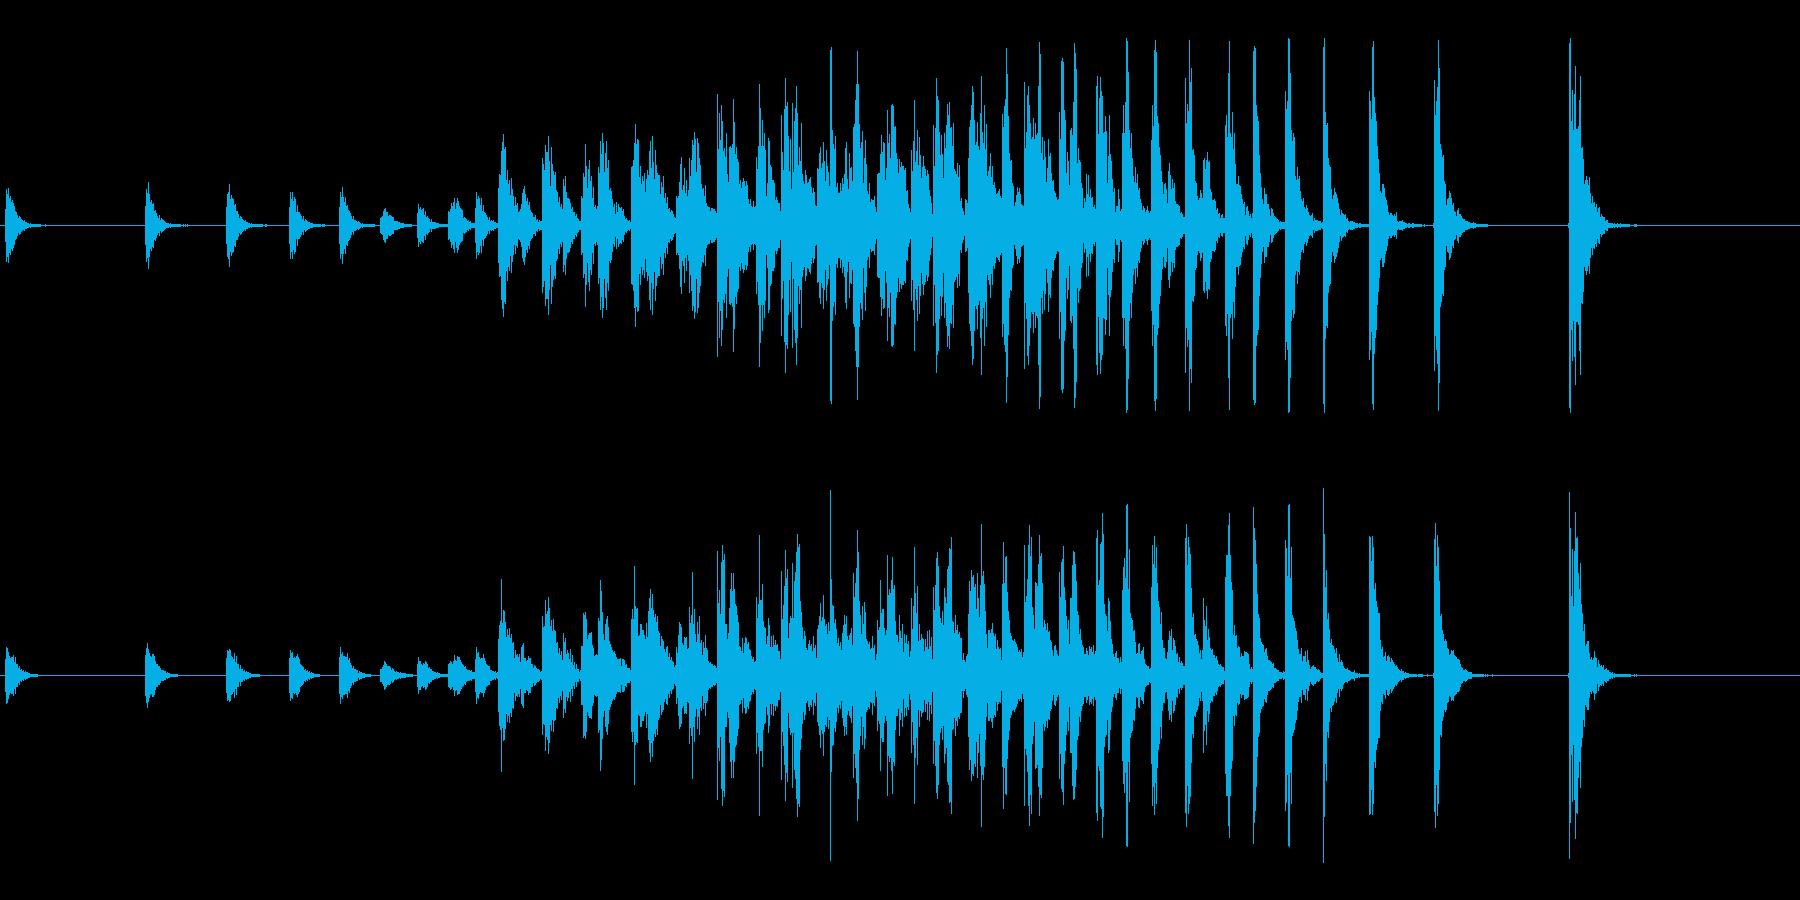 和太鼓によるオープニング等に最適な連打音の再生済みの波形